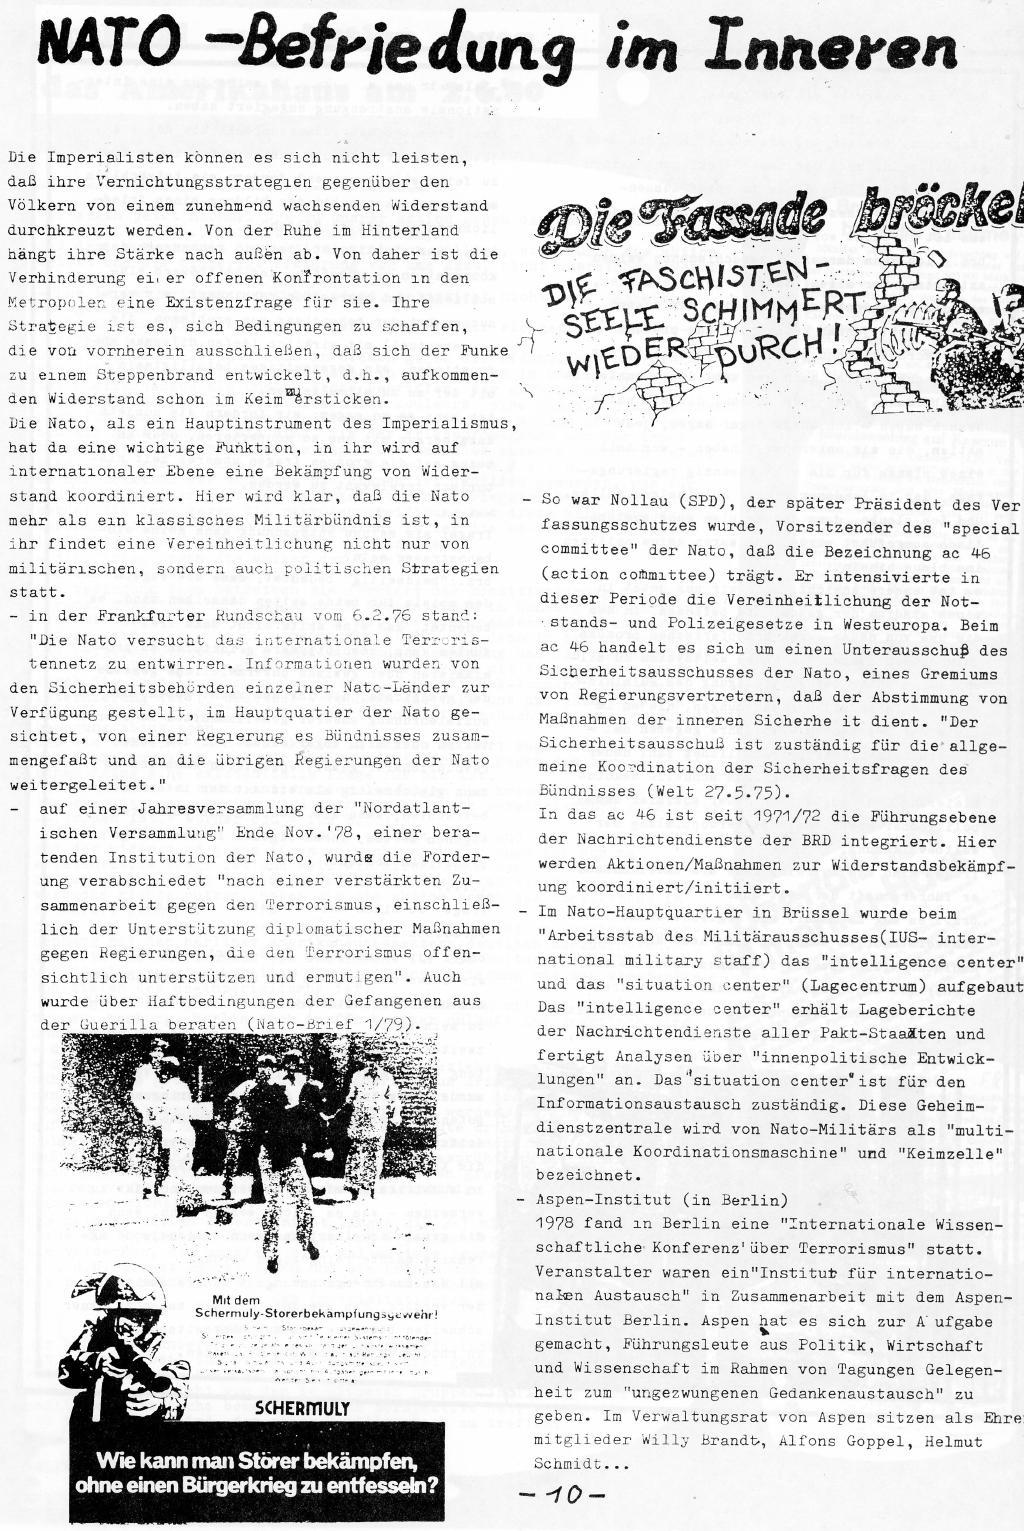 Bremen_1980_NATO_Broschuere_10